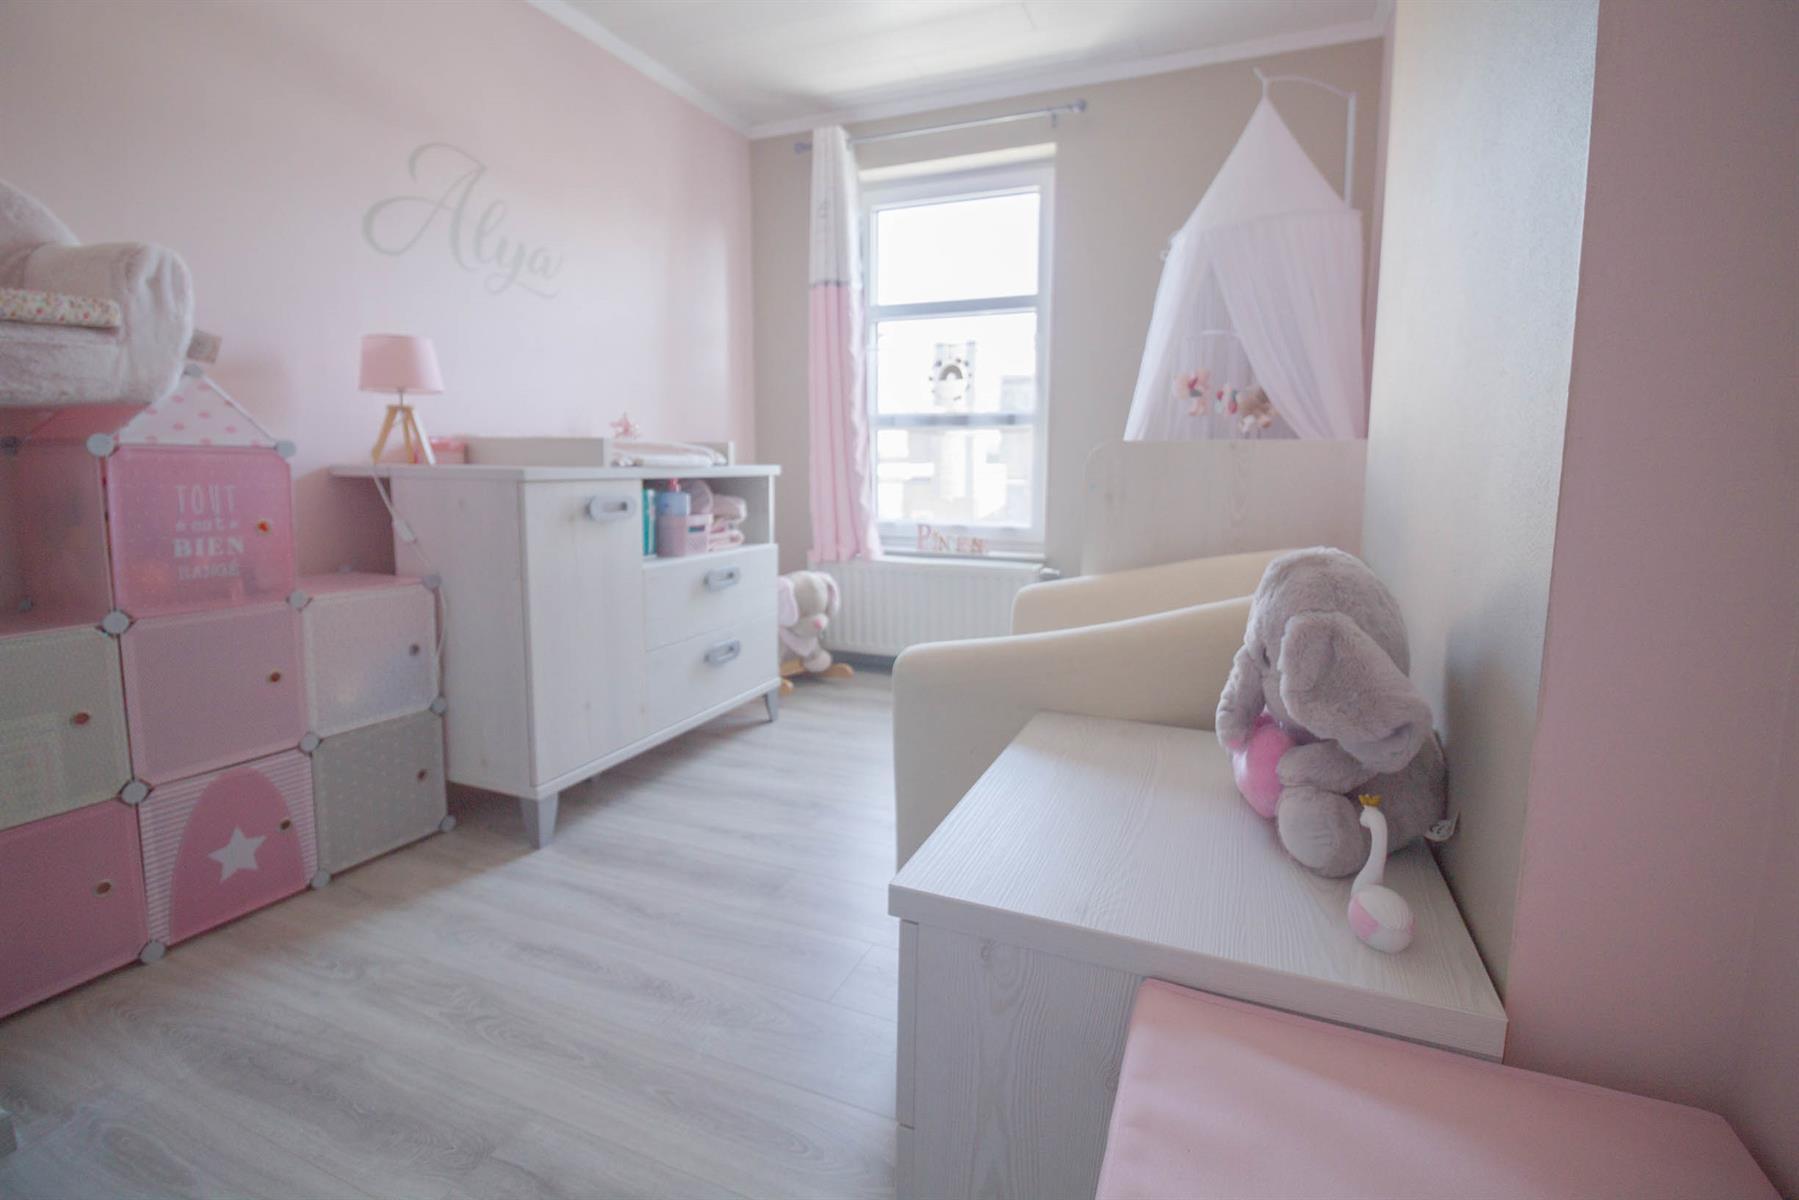 Maison - Forchies-la-Marche - #4281421-15